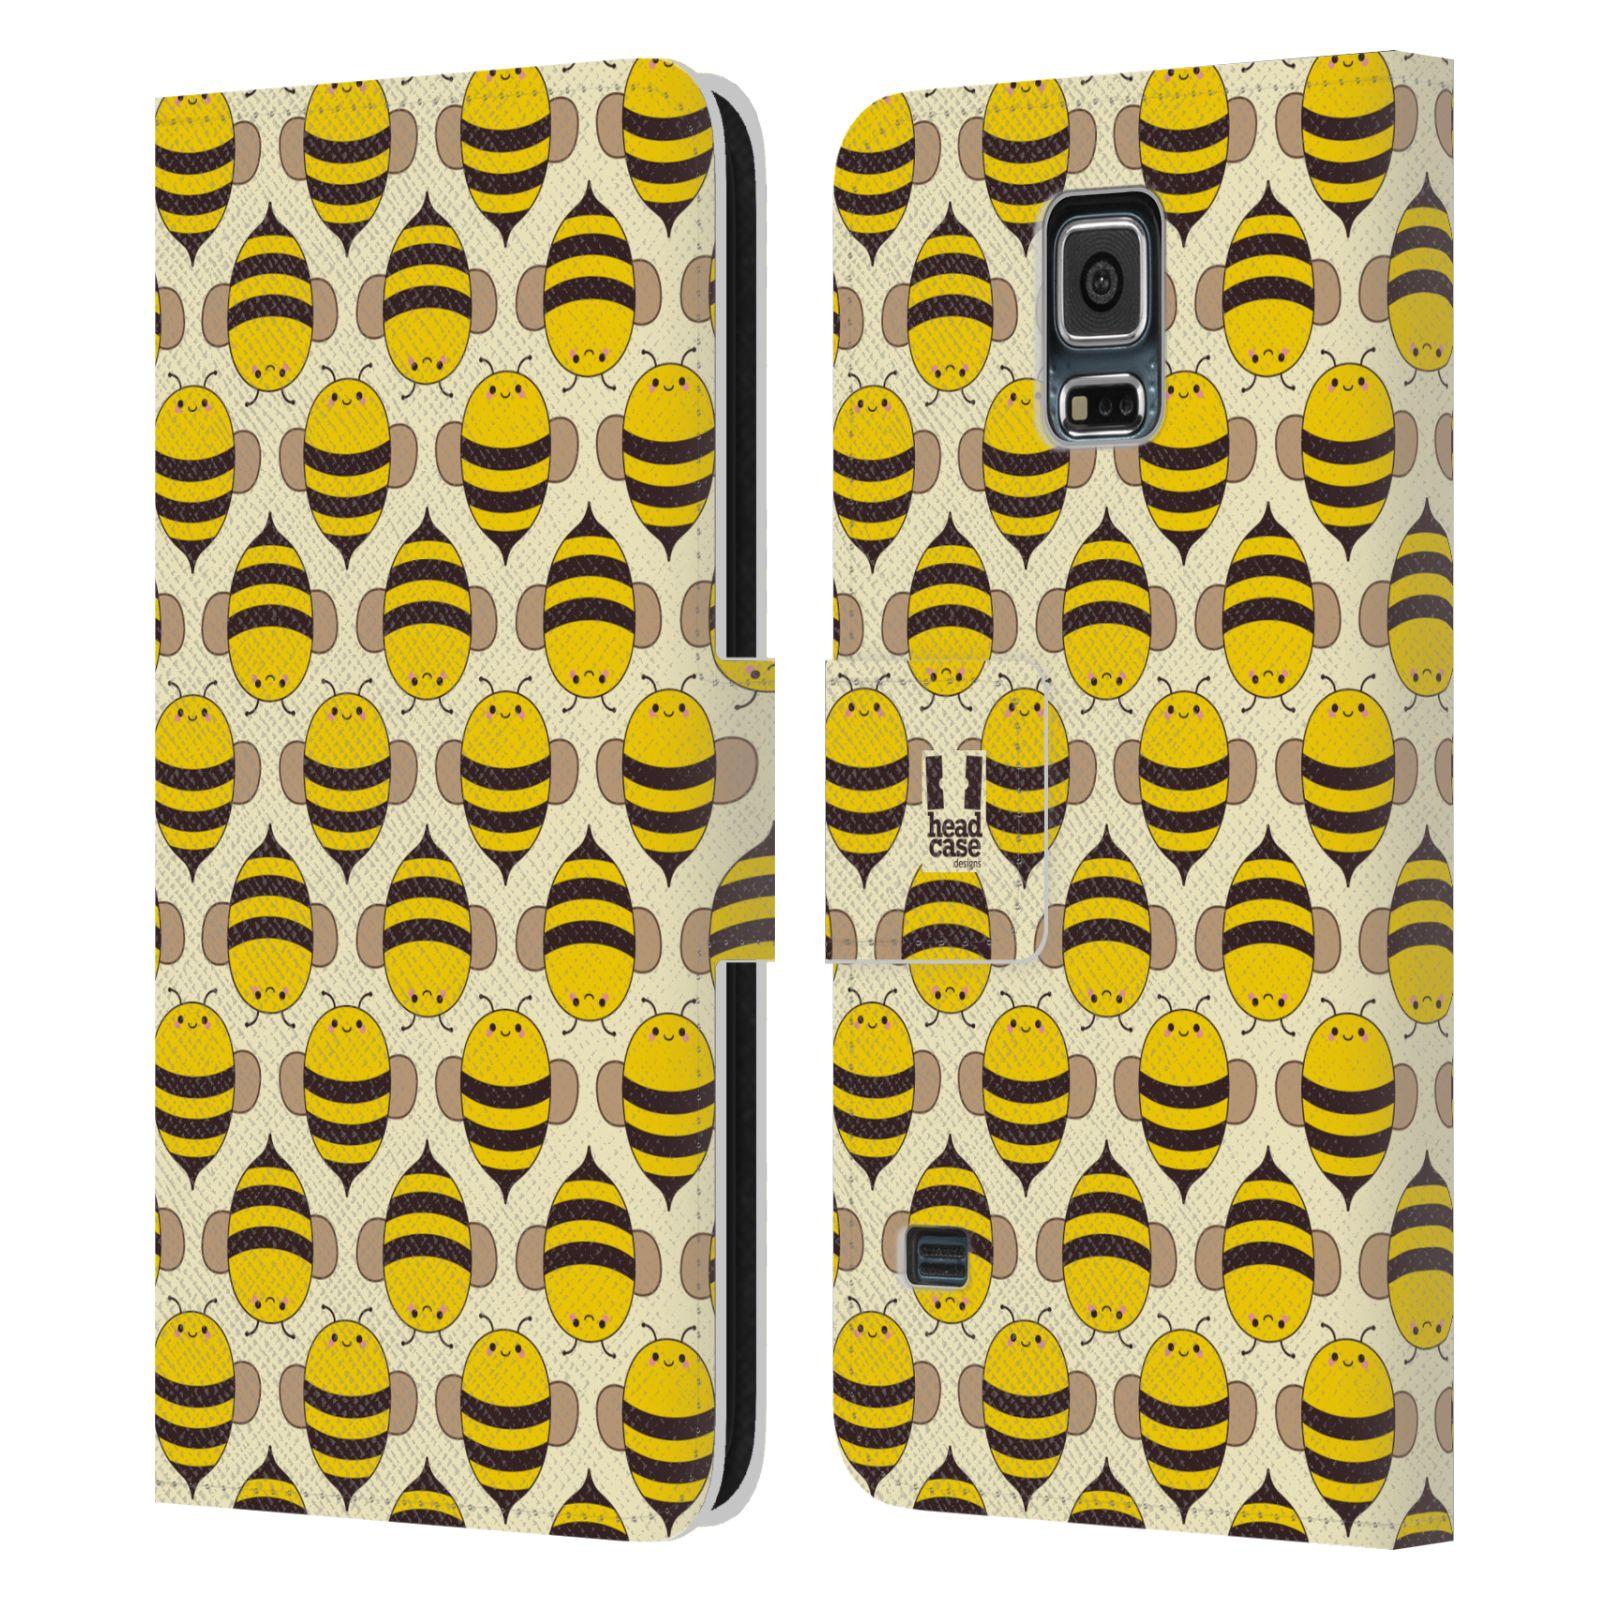 HEAD CASE Flipové pouzdro pro mobil Samsung Galaxy S5 / S5 NEO VČELÍ VZOR kolonie včelek